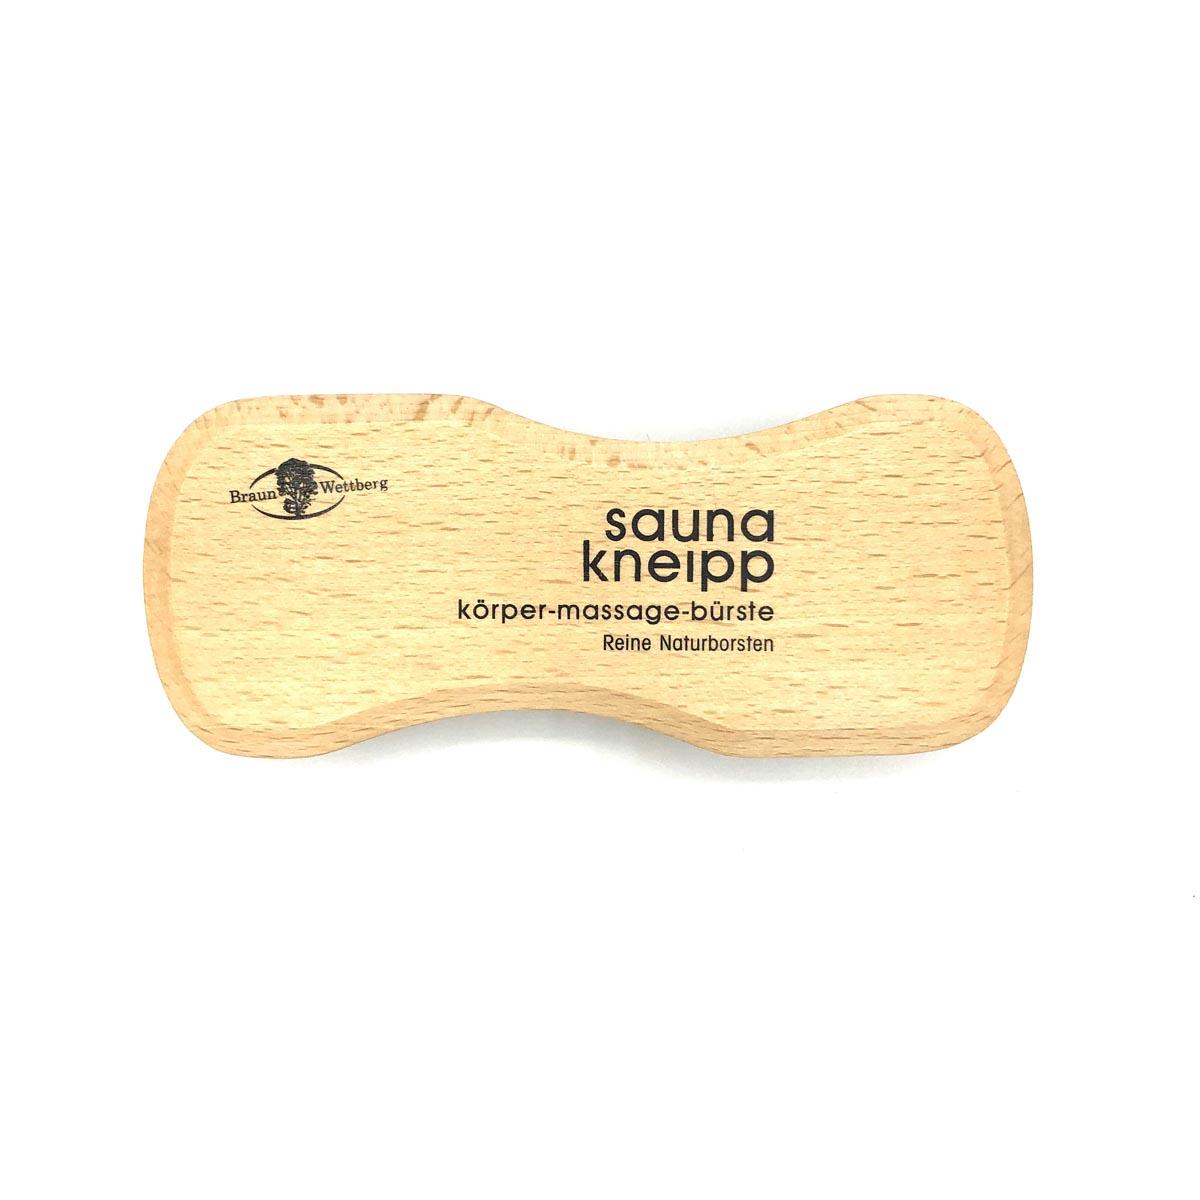 Massagebürste 'sauna kneipp' mit mittelfesten Naturborsten